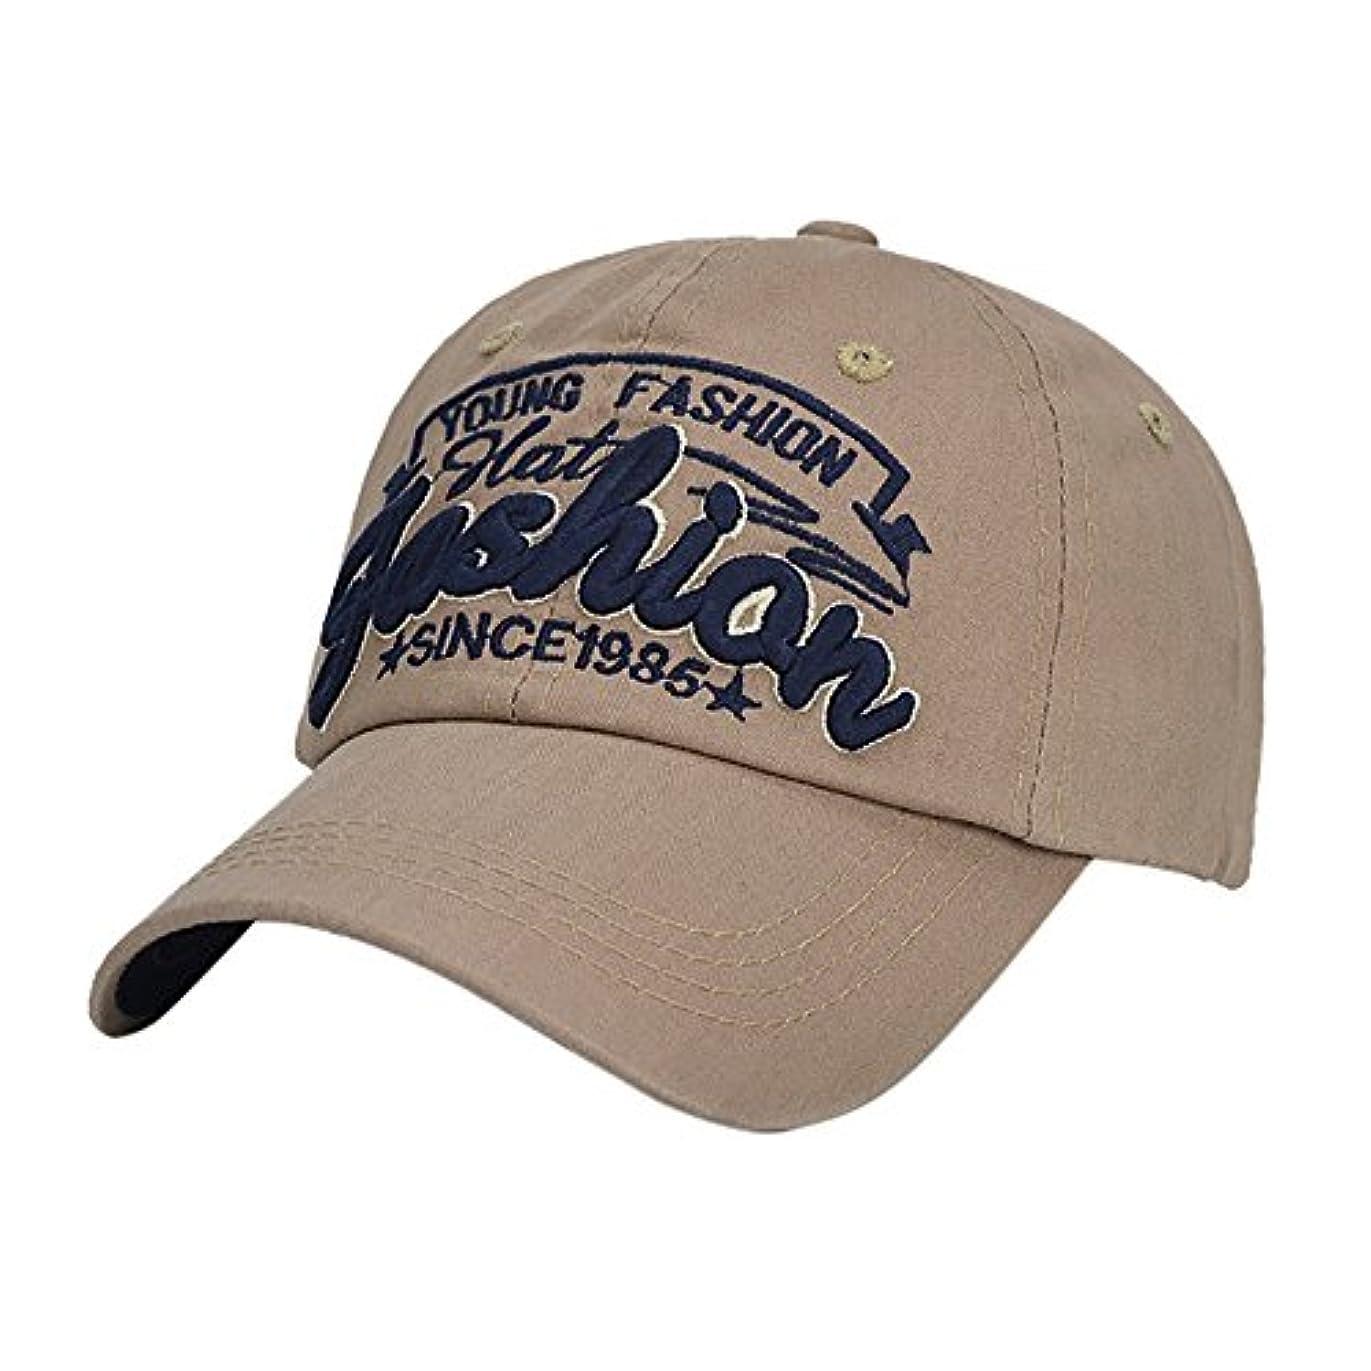 同意ハイブリッド口実Racazing Cap ヒップホップ 野球帽 ストリートダンス 夏 登山 通気性のある 帽子 パール ビーディング 可調整可能 日焼け止め 棒球帽 UV 帽子 軽量 屋外 女性向 Hat (コーヒー)